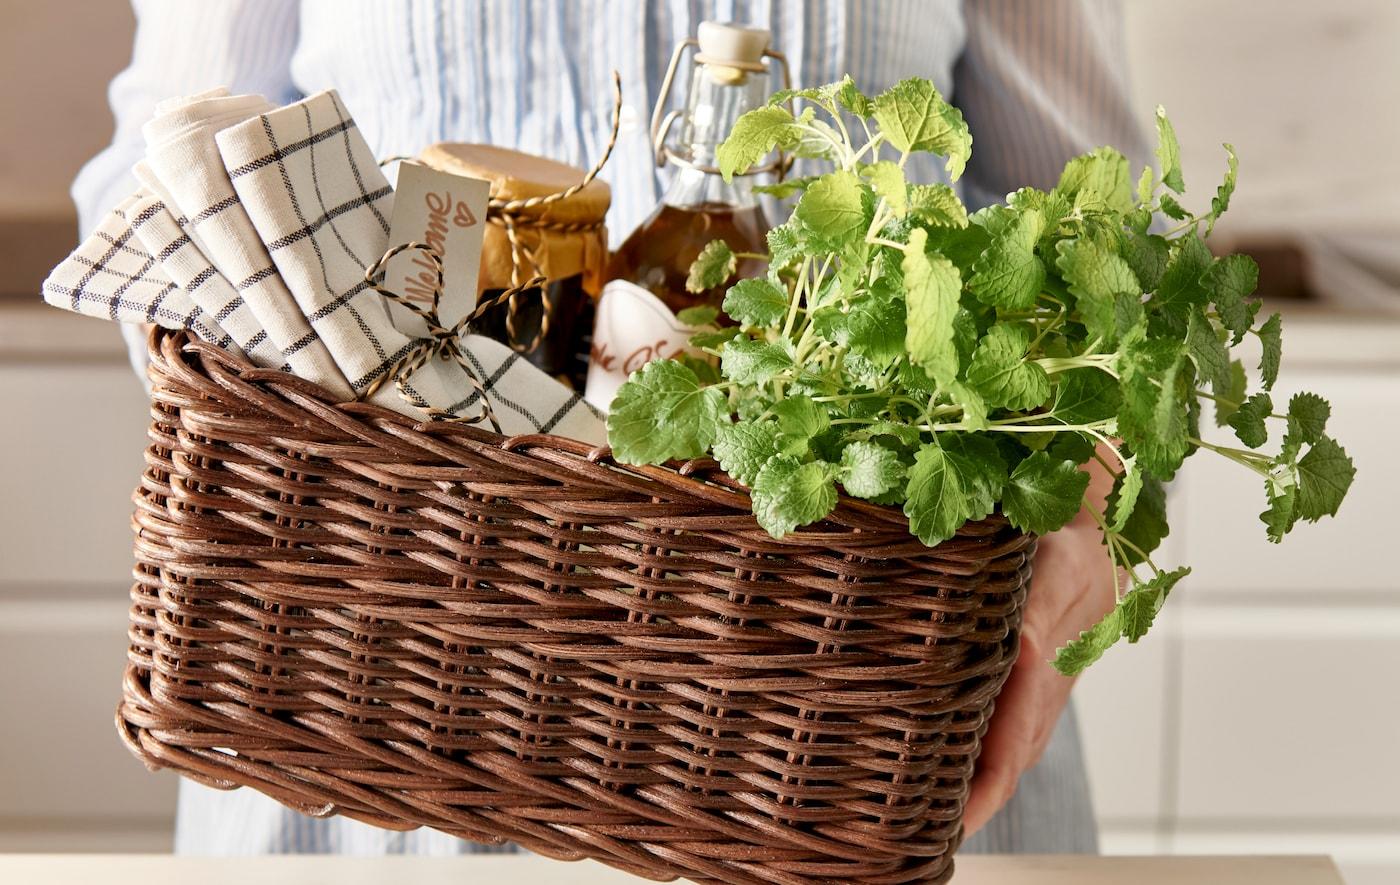 Ręce osoby wręczającej kosz GABBIG z przewiązanymi wstążkami ręcznikami kuchennymi, domowymi przetworami w szklanych słoikach i świeżymi ziołami.